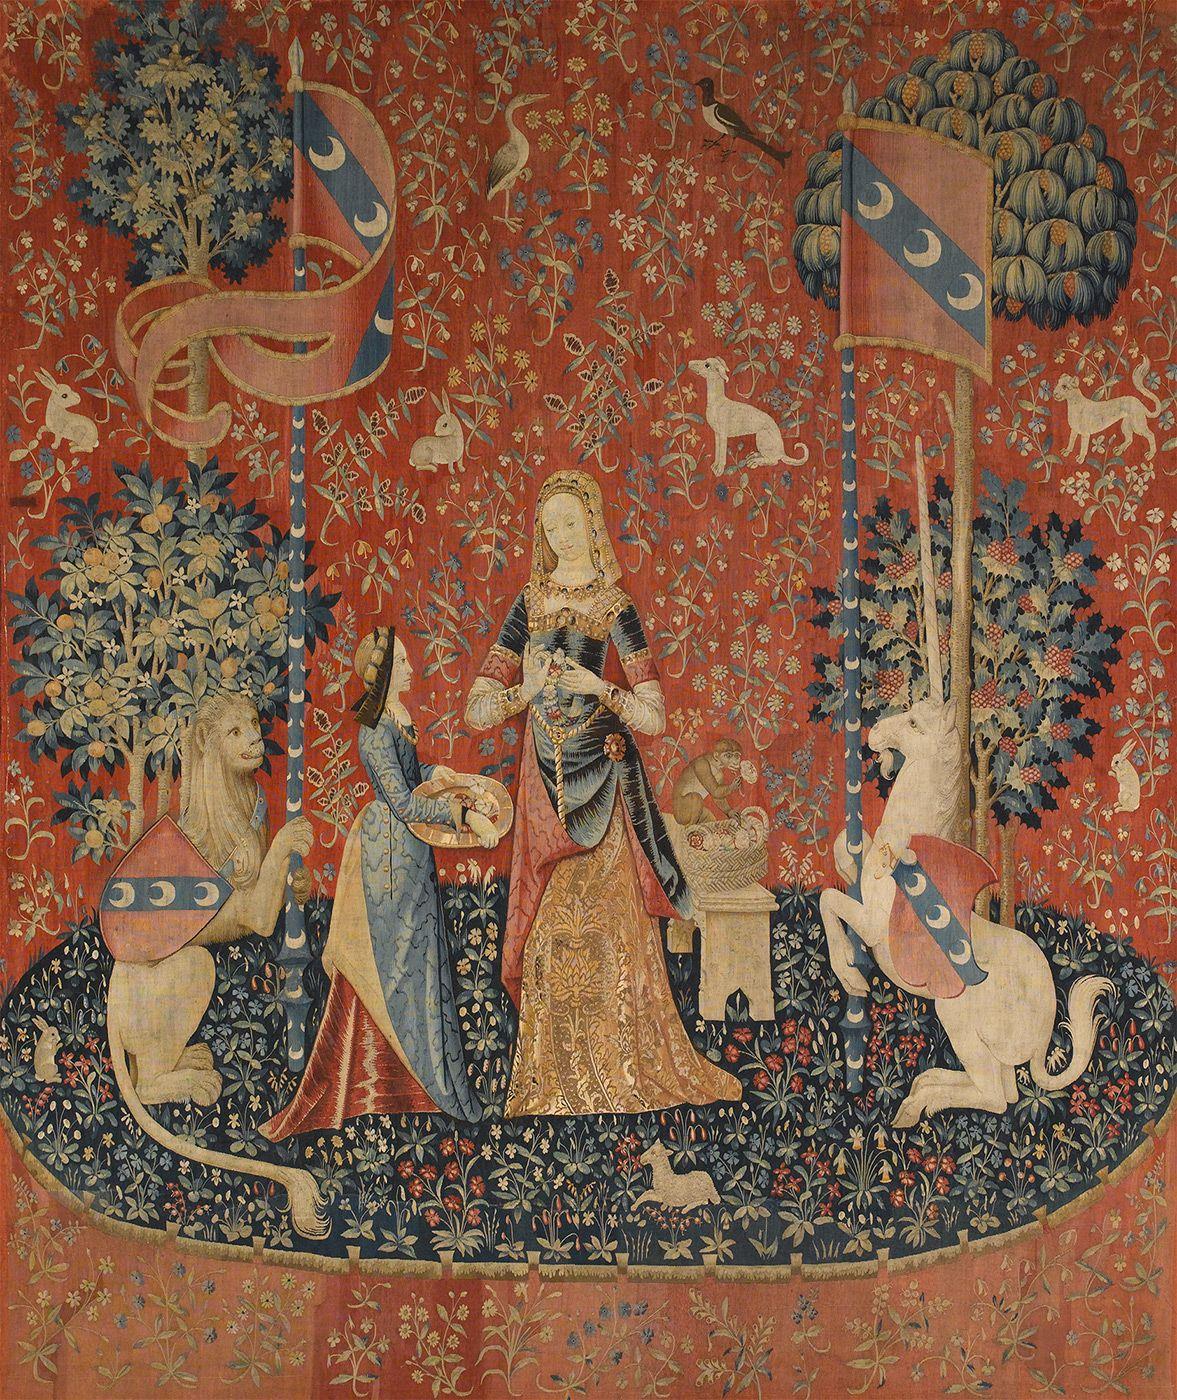 La Dama e l'unicorno